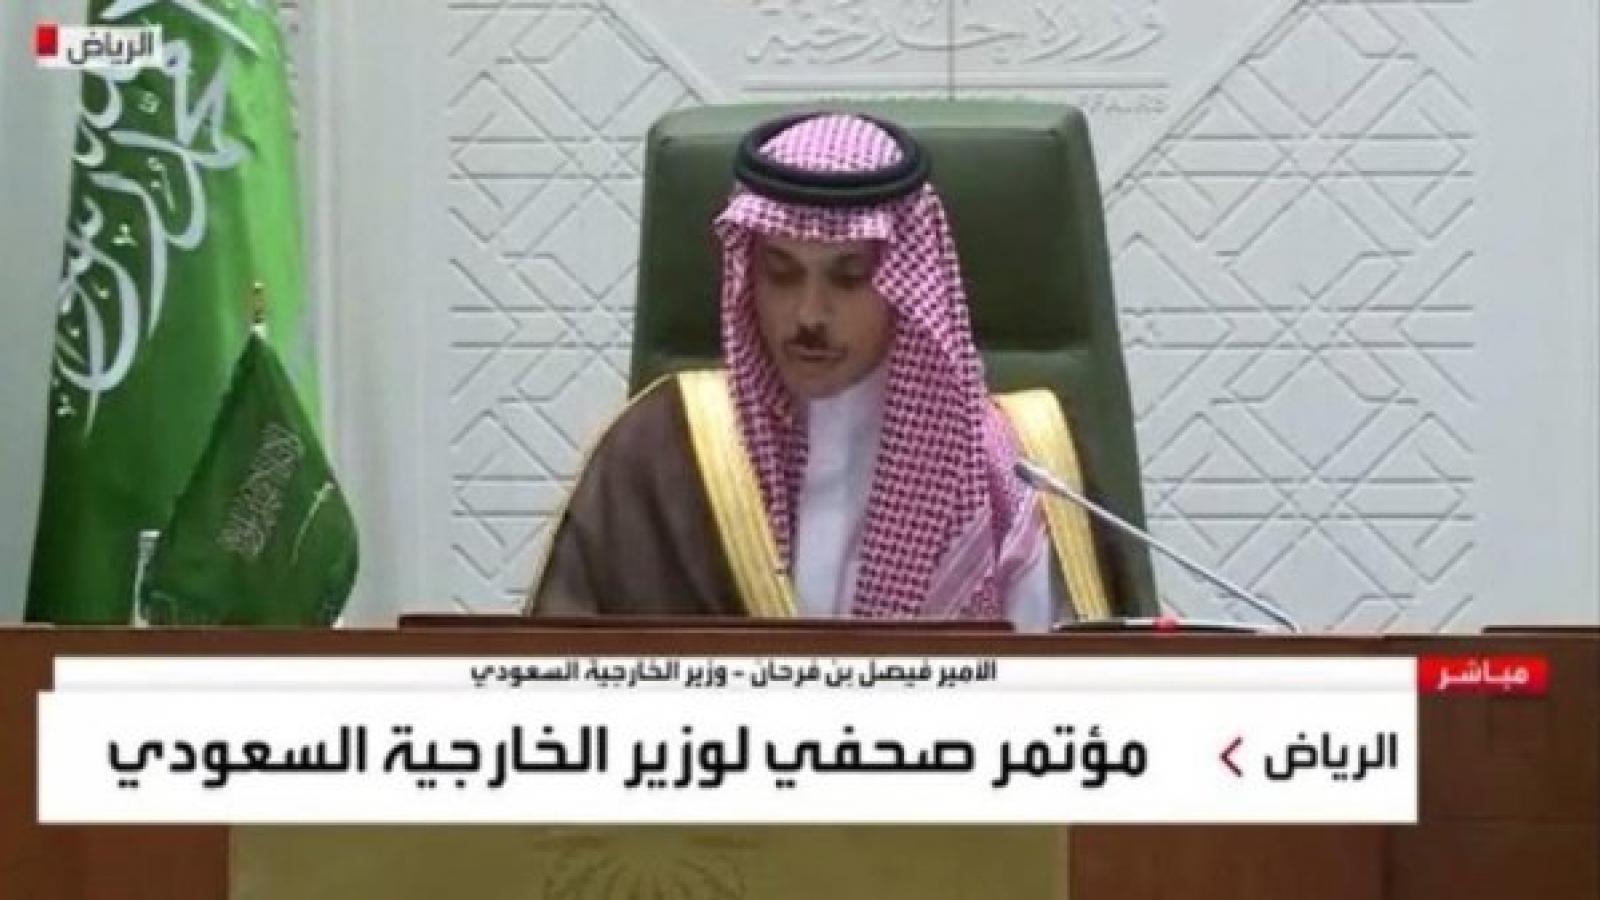 Saudi Arabia công bố sáng kiến chấm dứt xung đột Yemen